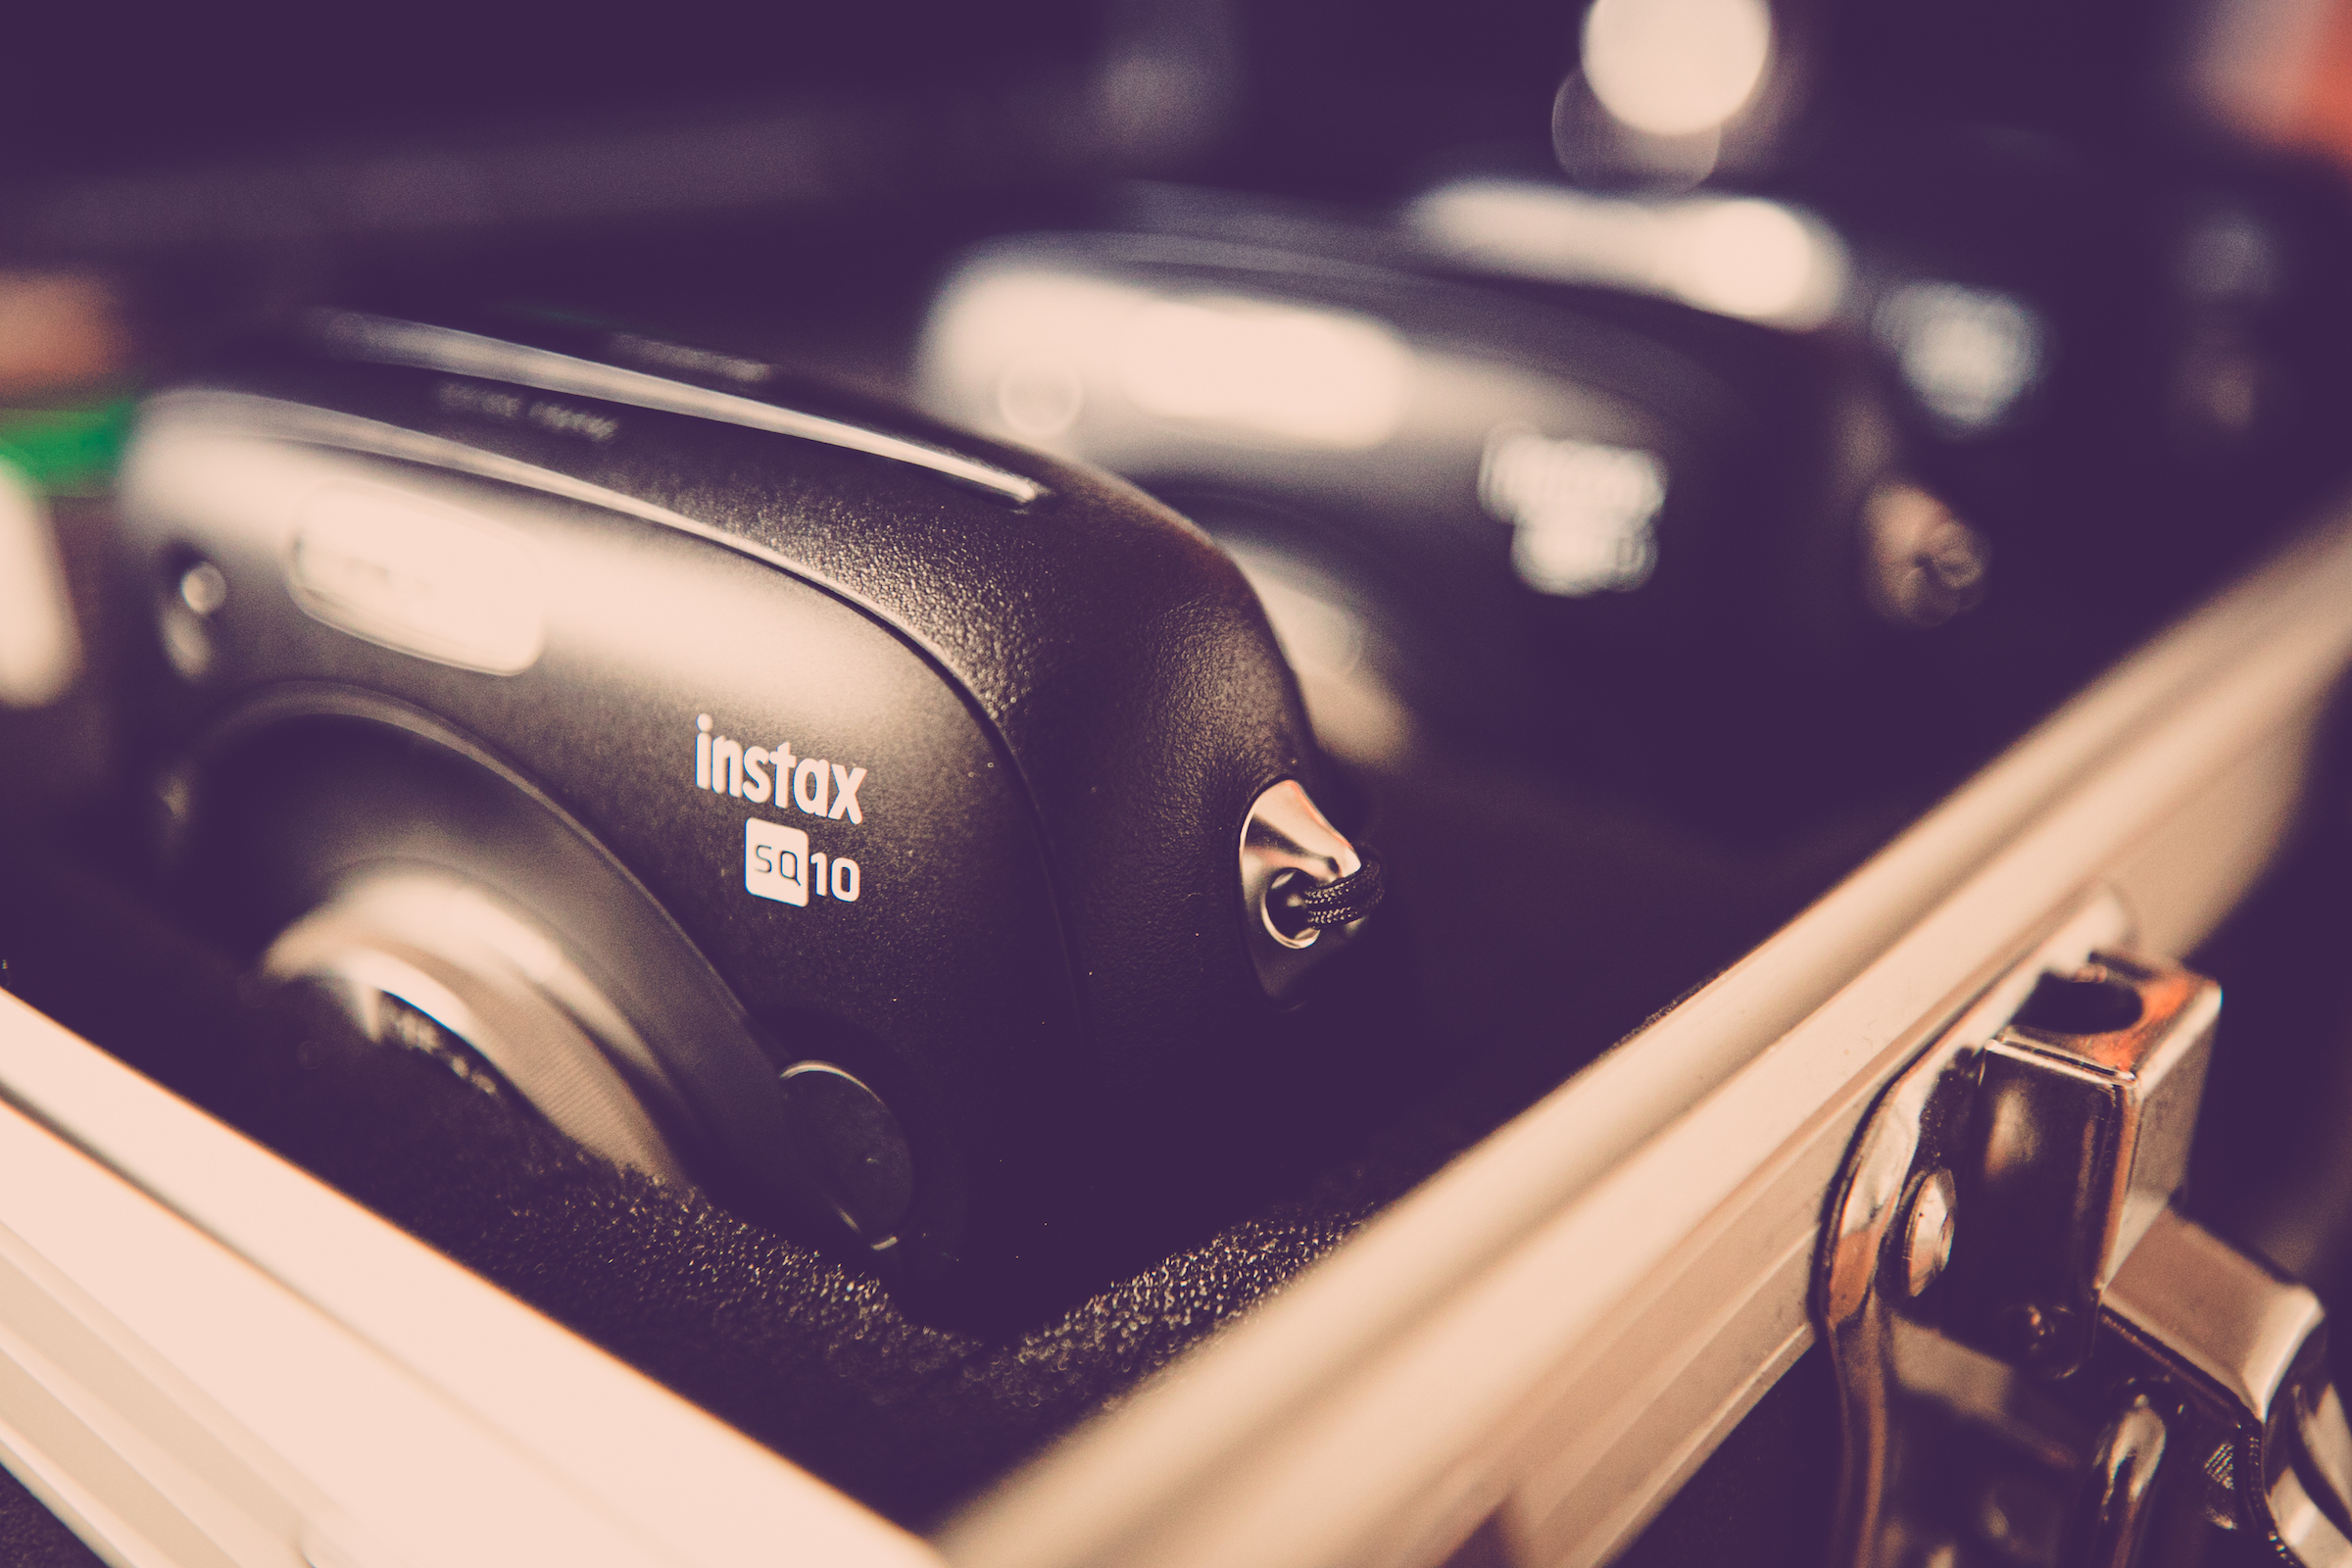 Knipsel | Polaroid | Kamera | Set | Koffer | Bilder | Mieten | Anfragen | Hochzeit | Sofortbildkamera | Versand | Lieferung